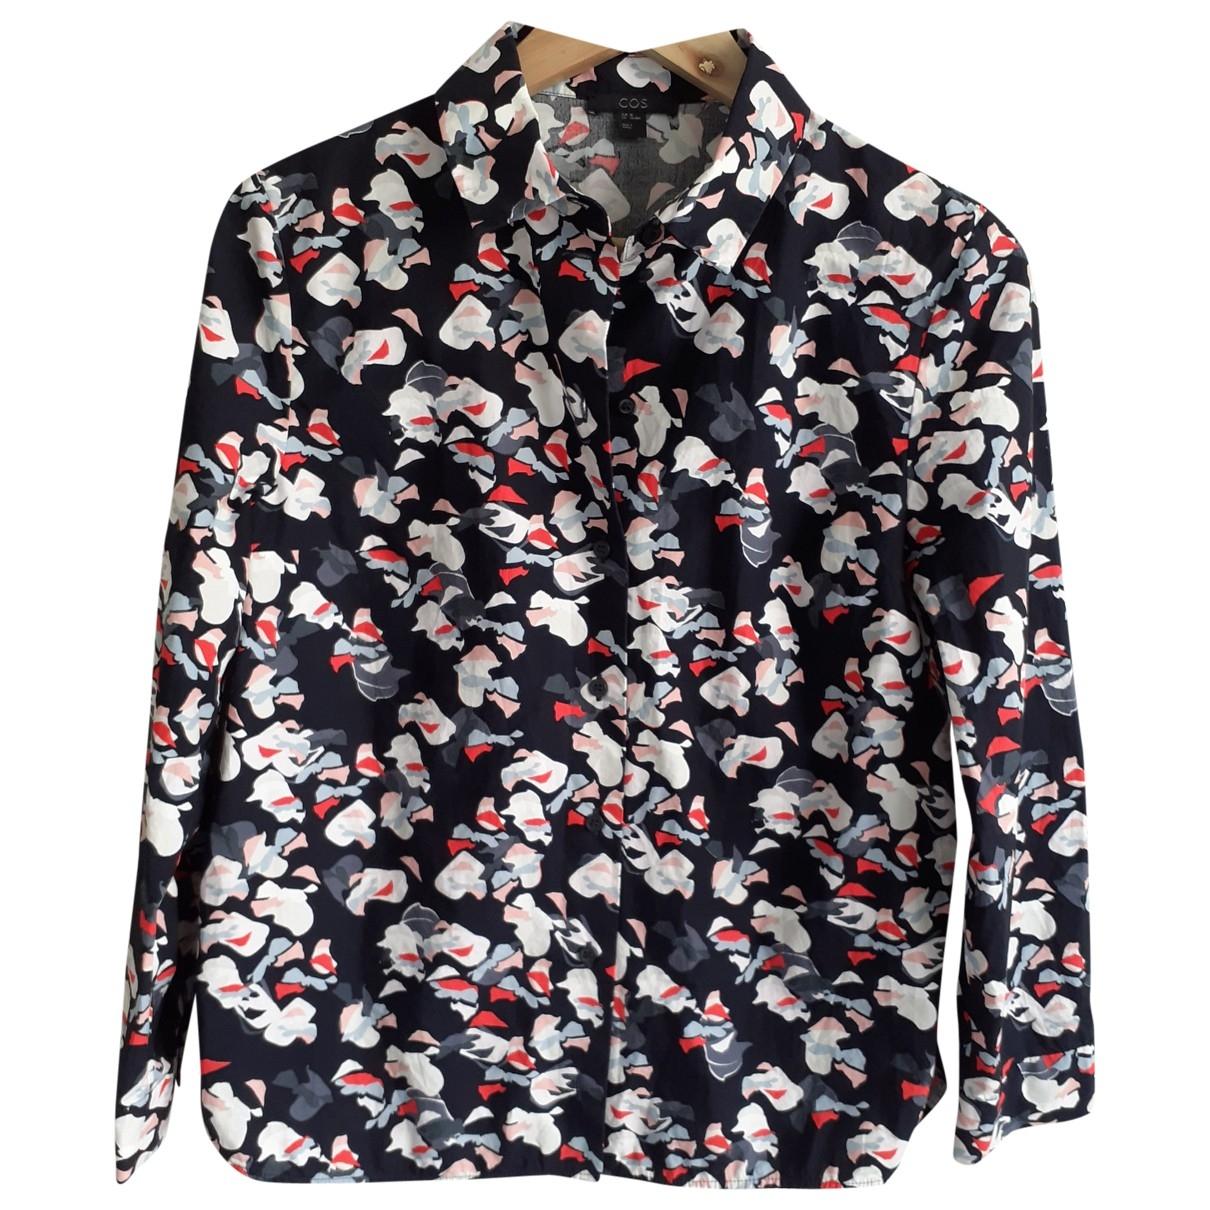 Cos - Top   pour femme en coton - multicolore